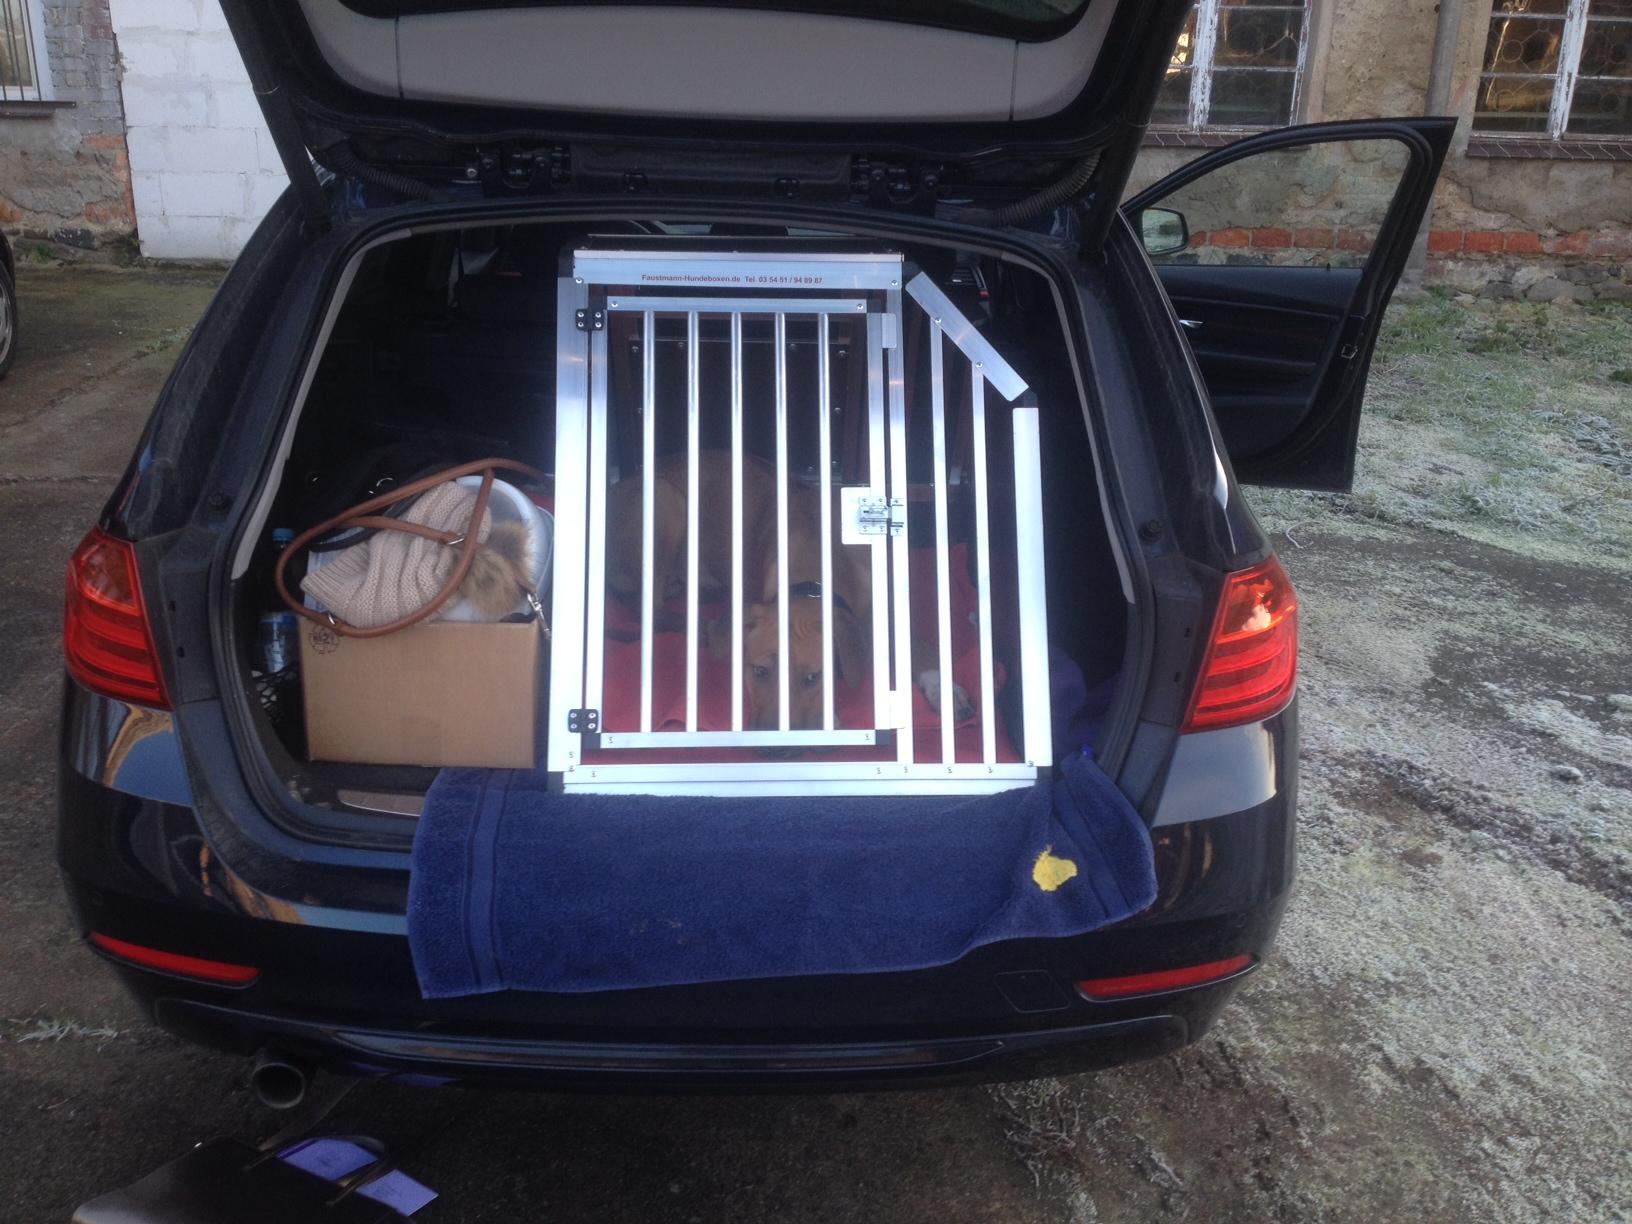 hundeboxen f r bmw faustmann hundeboxen. Black Bedroom Furniture Sets. Home Design Ideas